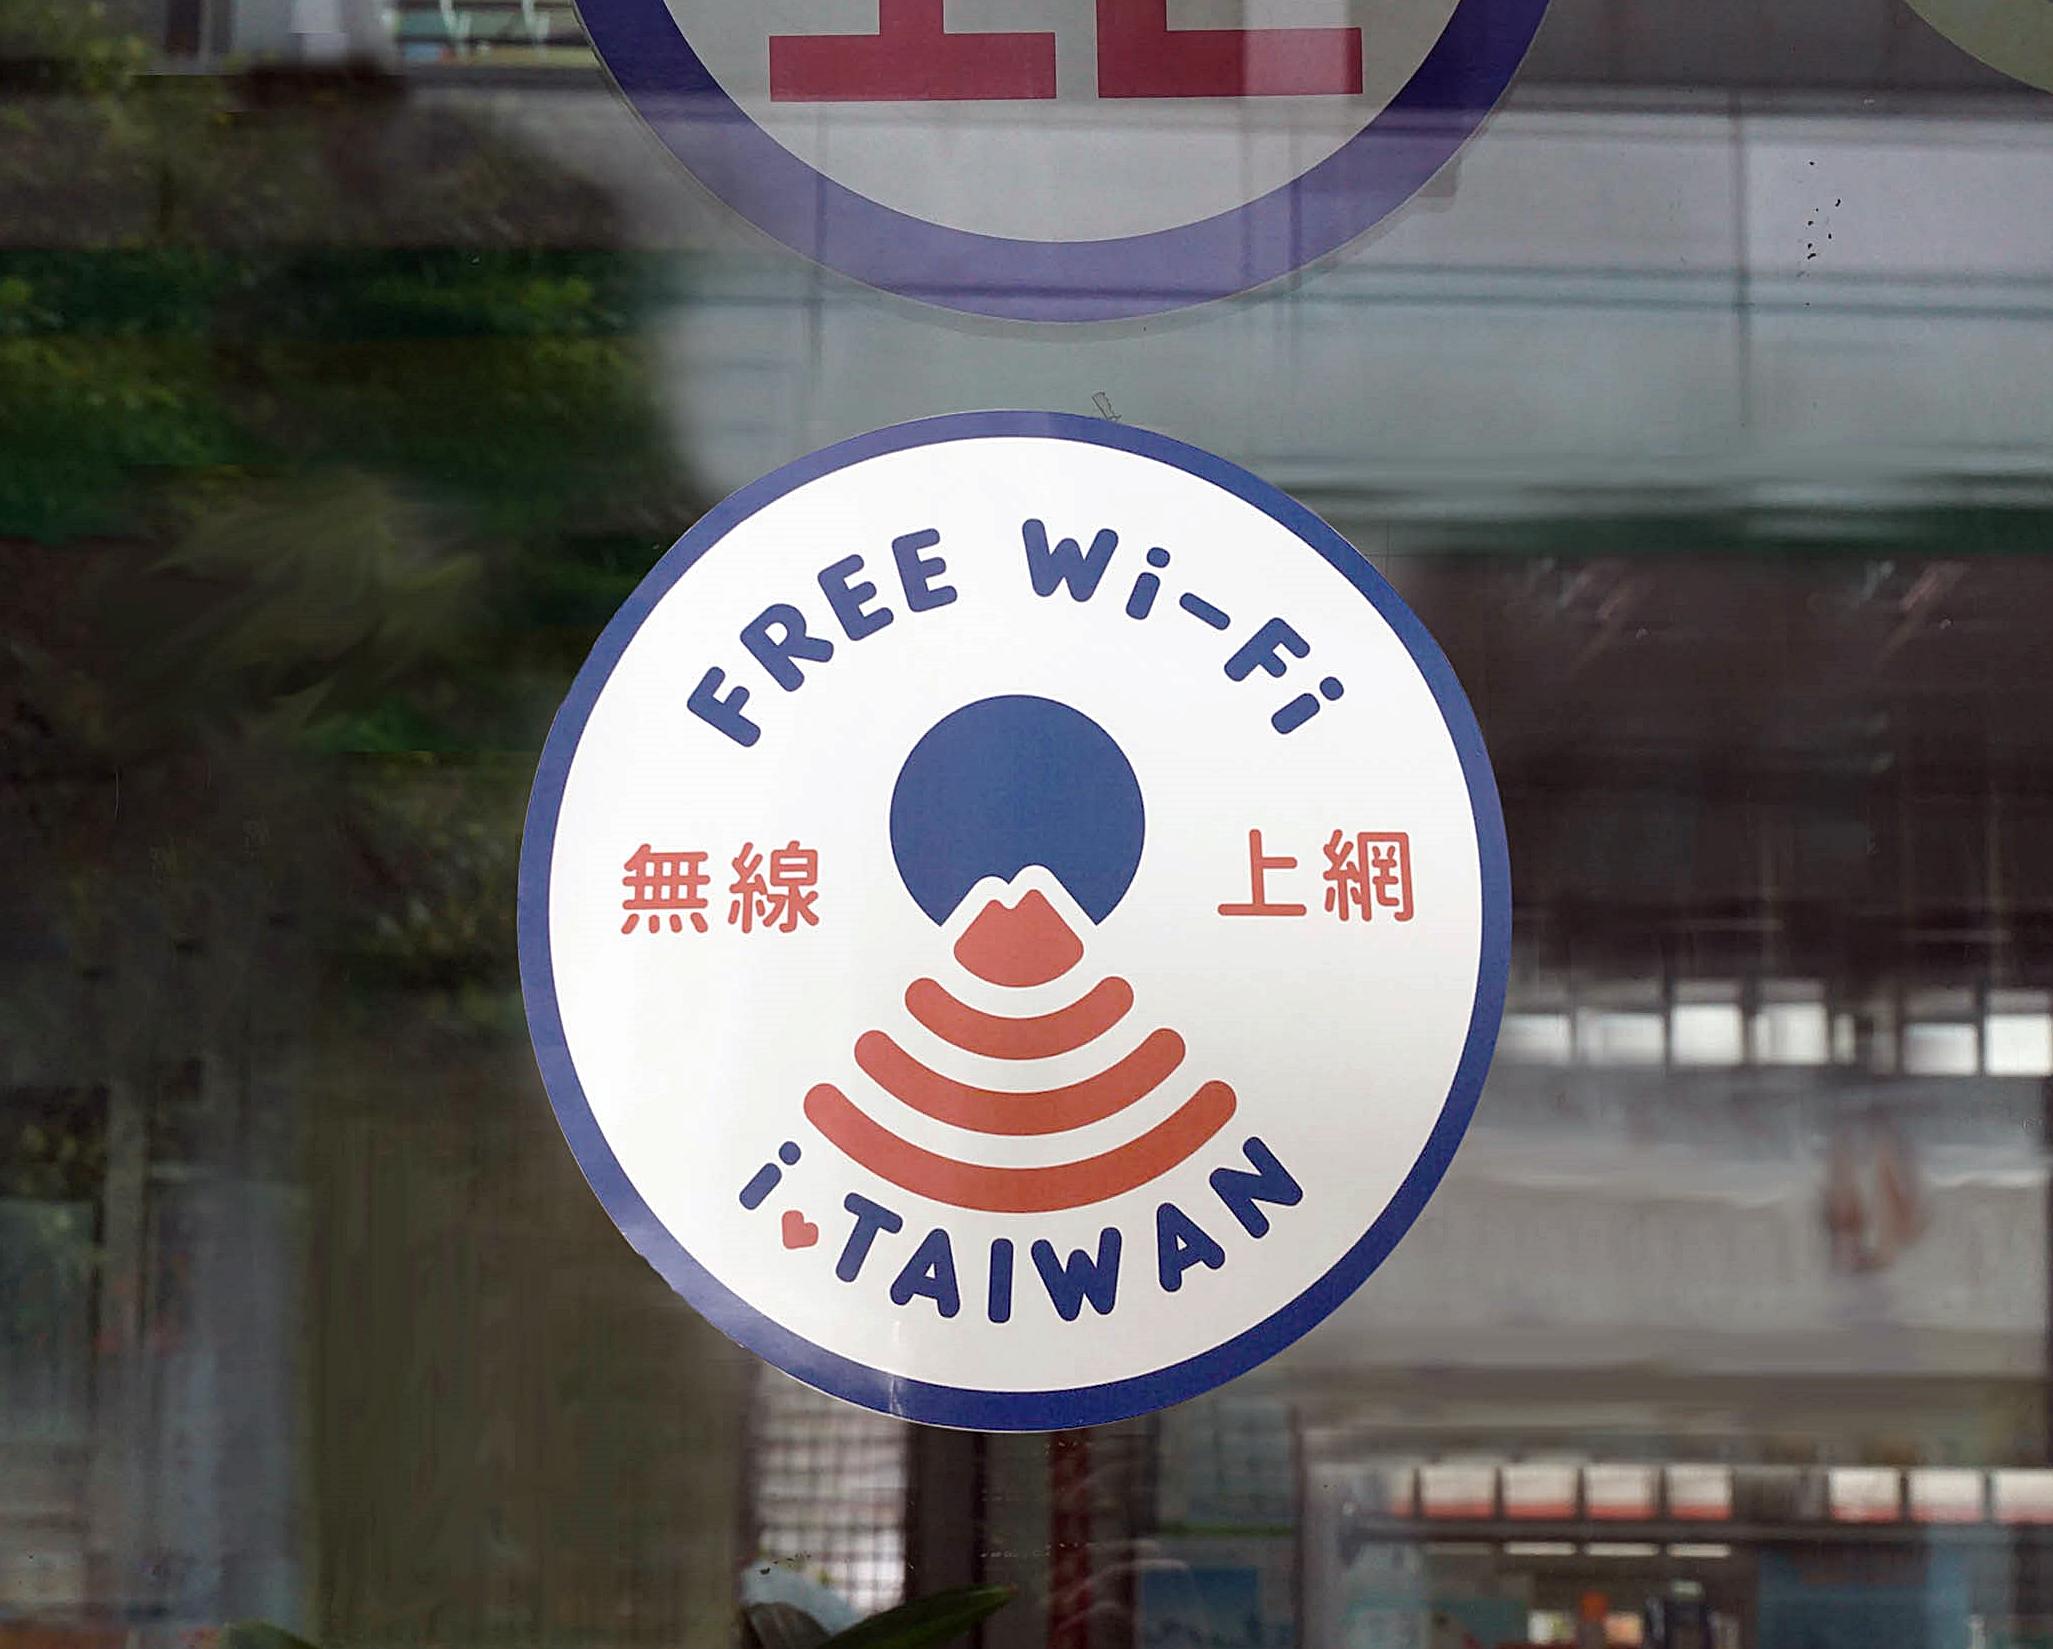 台灣上千個免費Wifi無線上網  國外遊客也能免費上網  iTaiwan免費上網 上網不用錢 內附網路申請步驟及APP下載 @跳躍的宅男